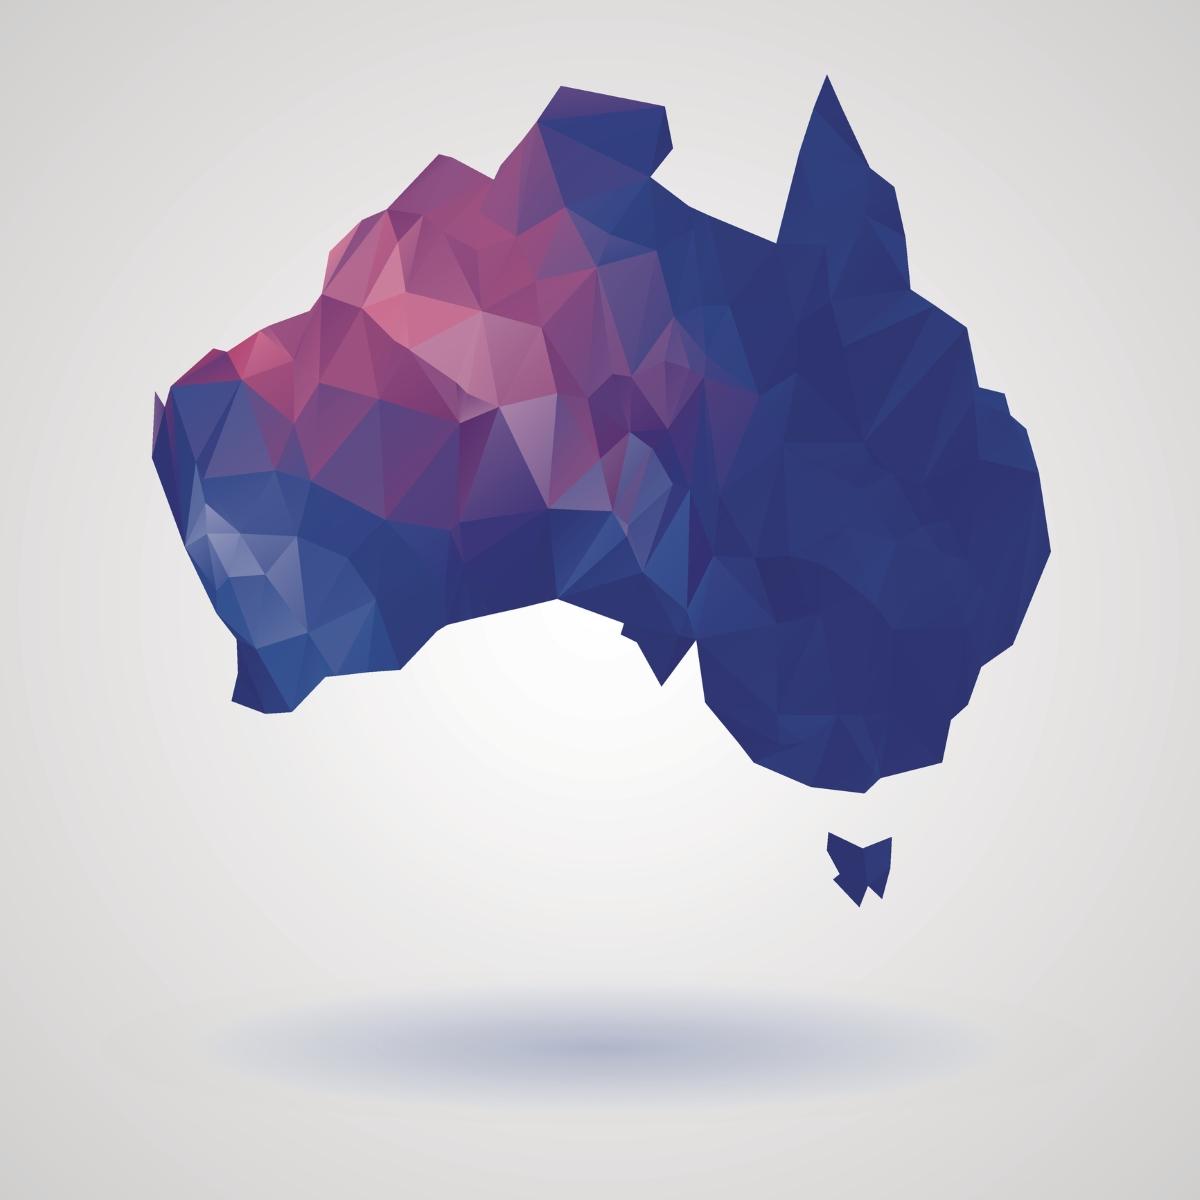 Австралия: държавата осигурява 12 месеца платено майчинство, като ако след раждането е имало усложнения - както за майката, така и за детето, то може да се удължи до още 12 месеца.